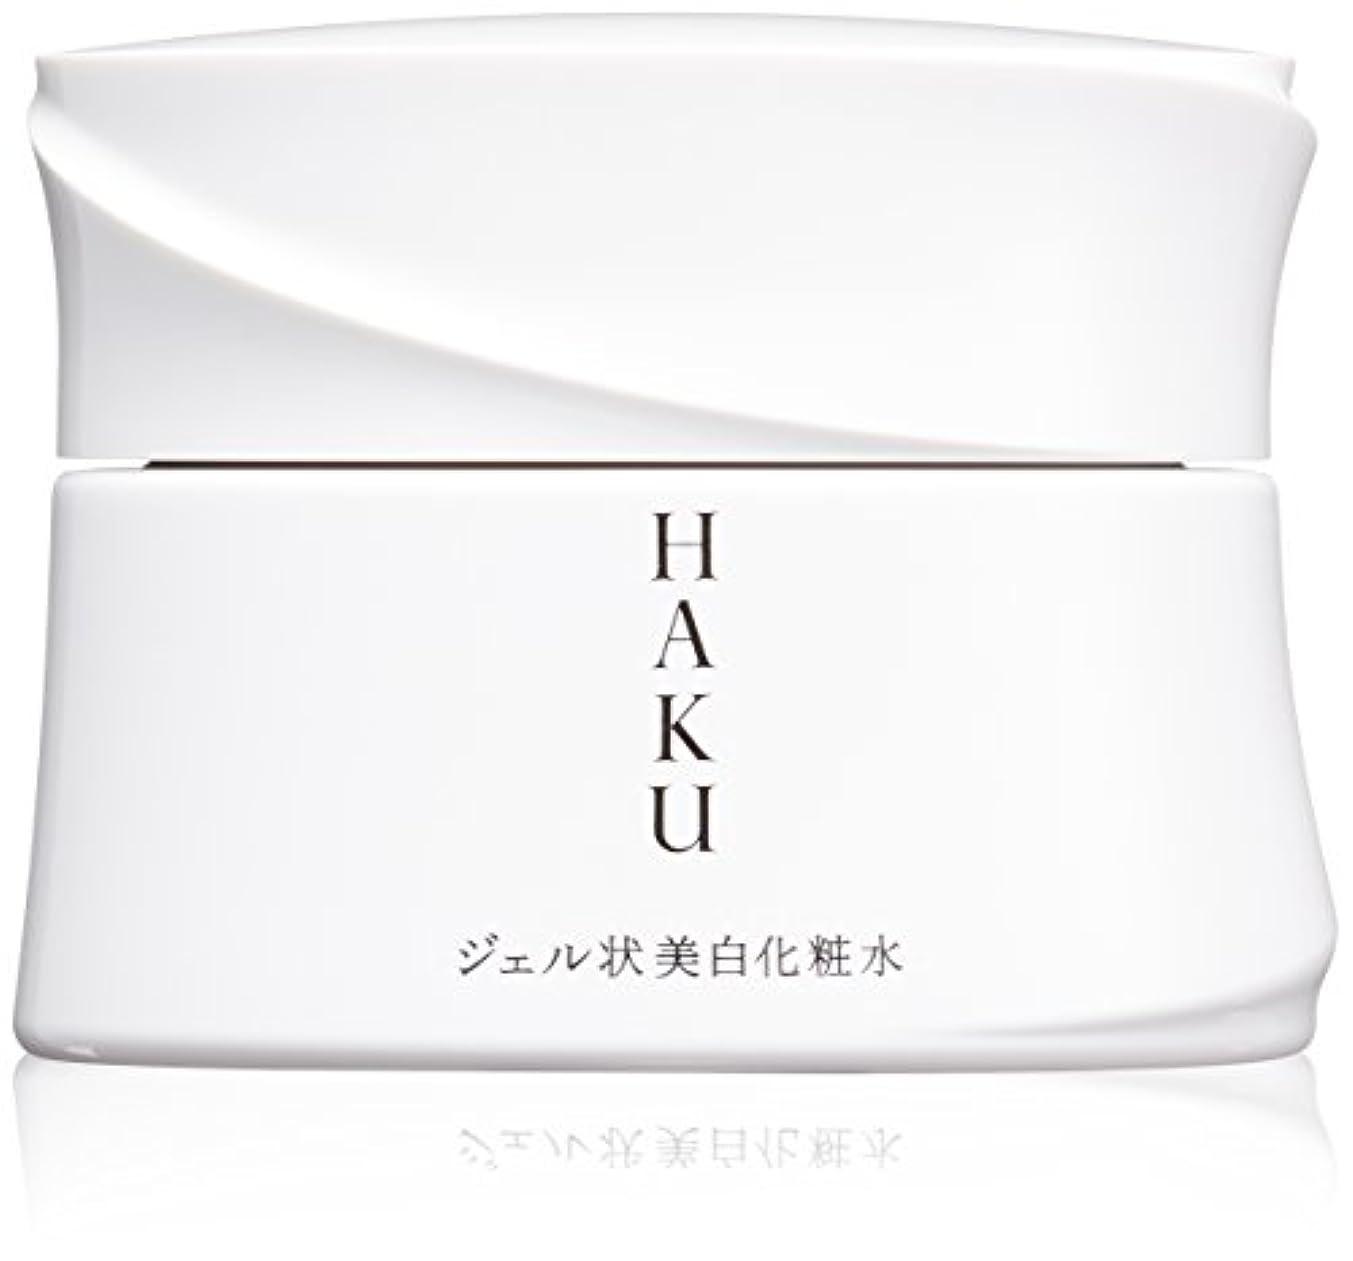 実現可能干渉するボウリングHAKU メラノディープモイスチャー 美白化粧水 100g 【医薬部外品】